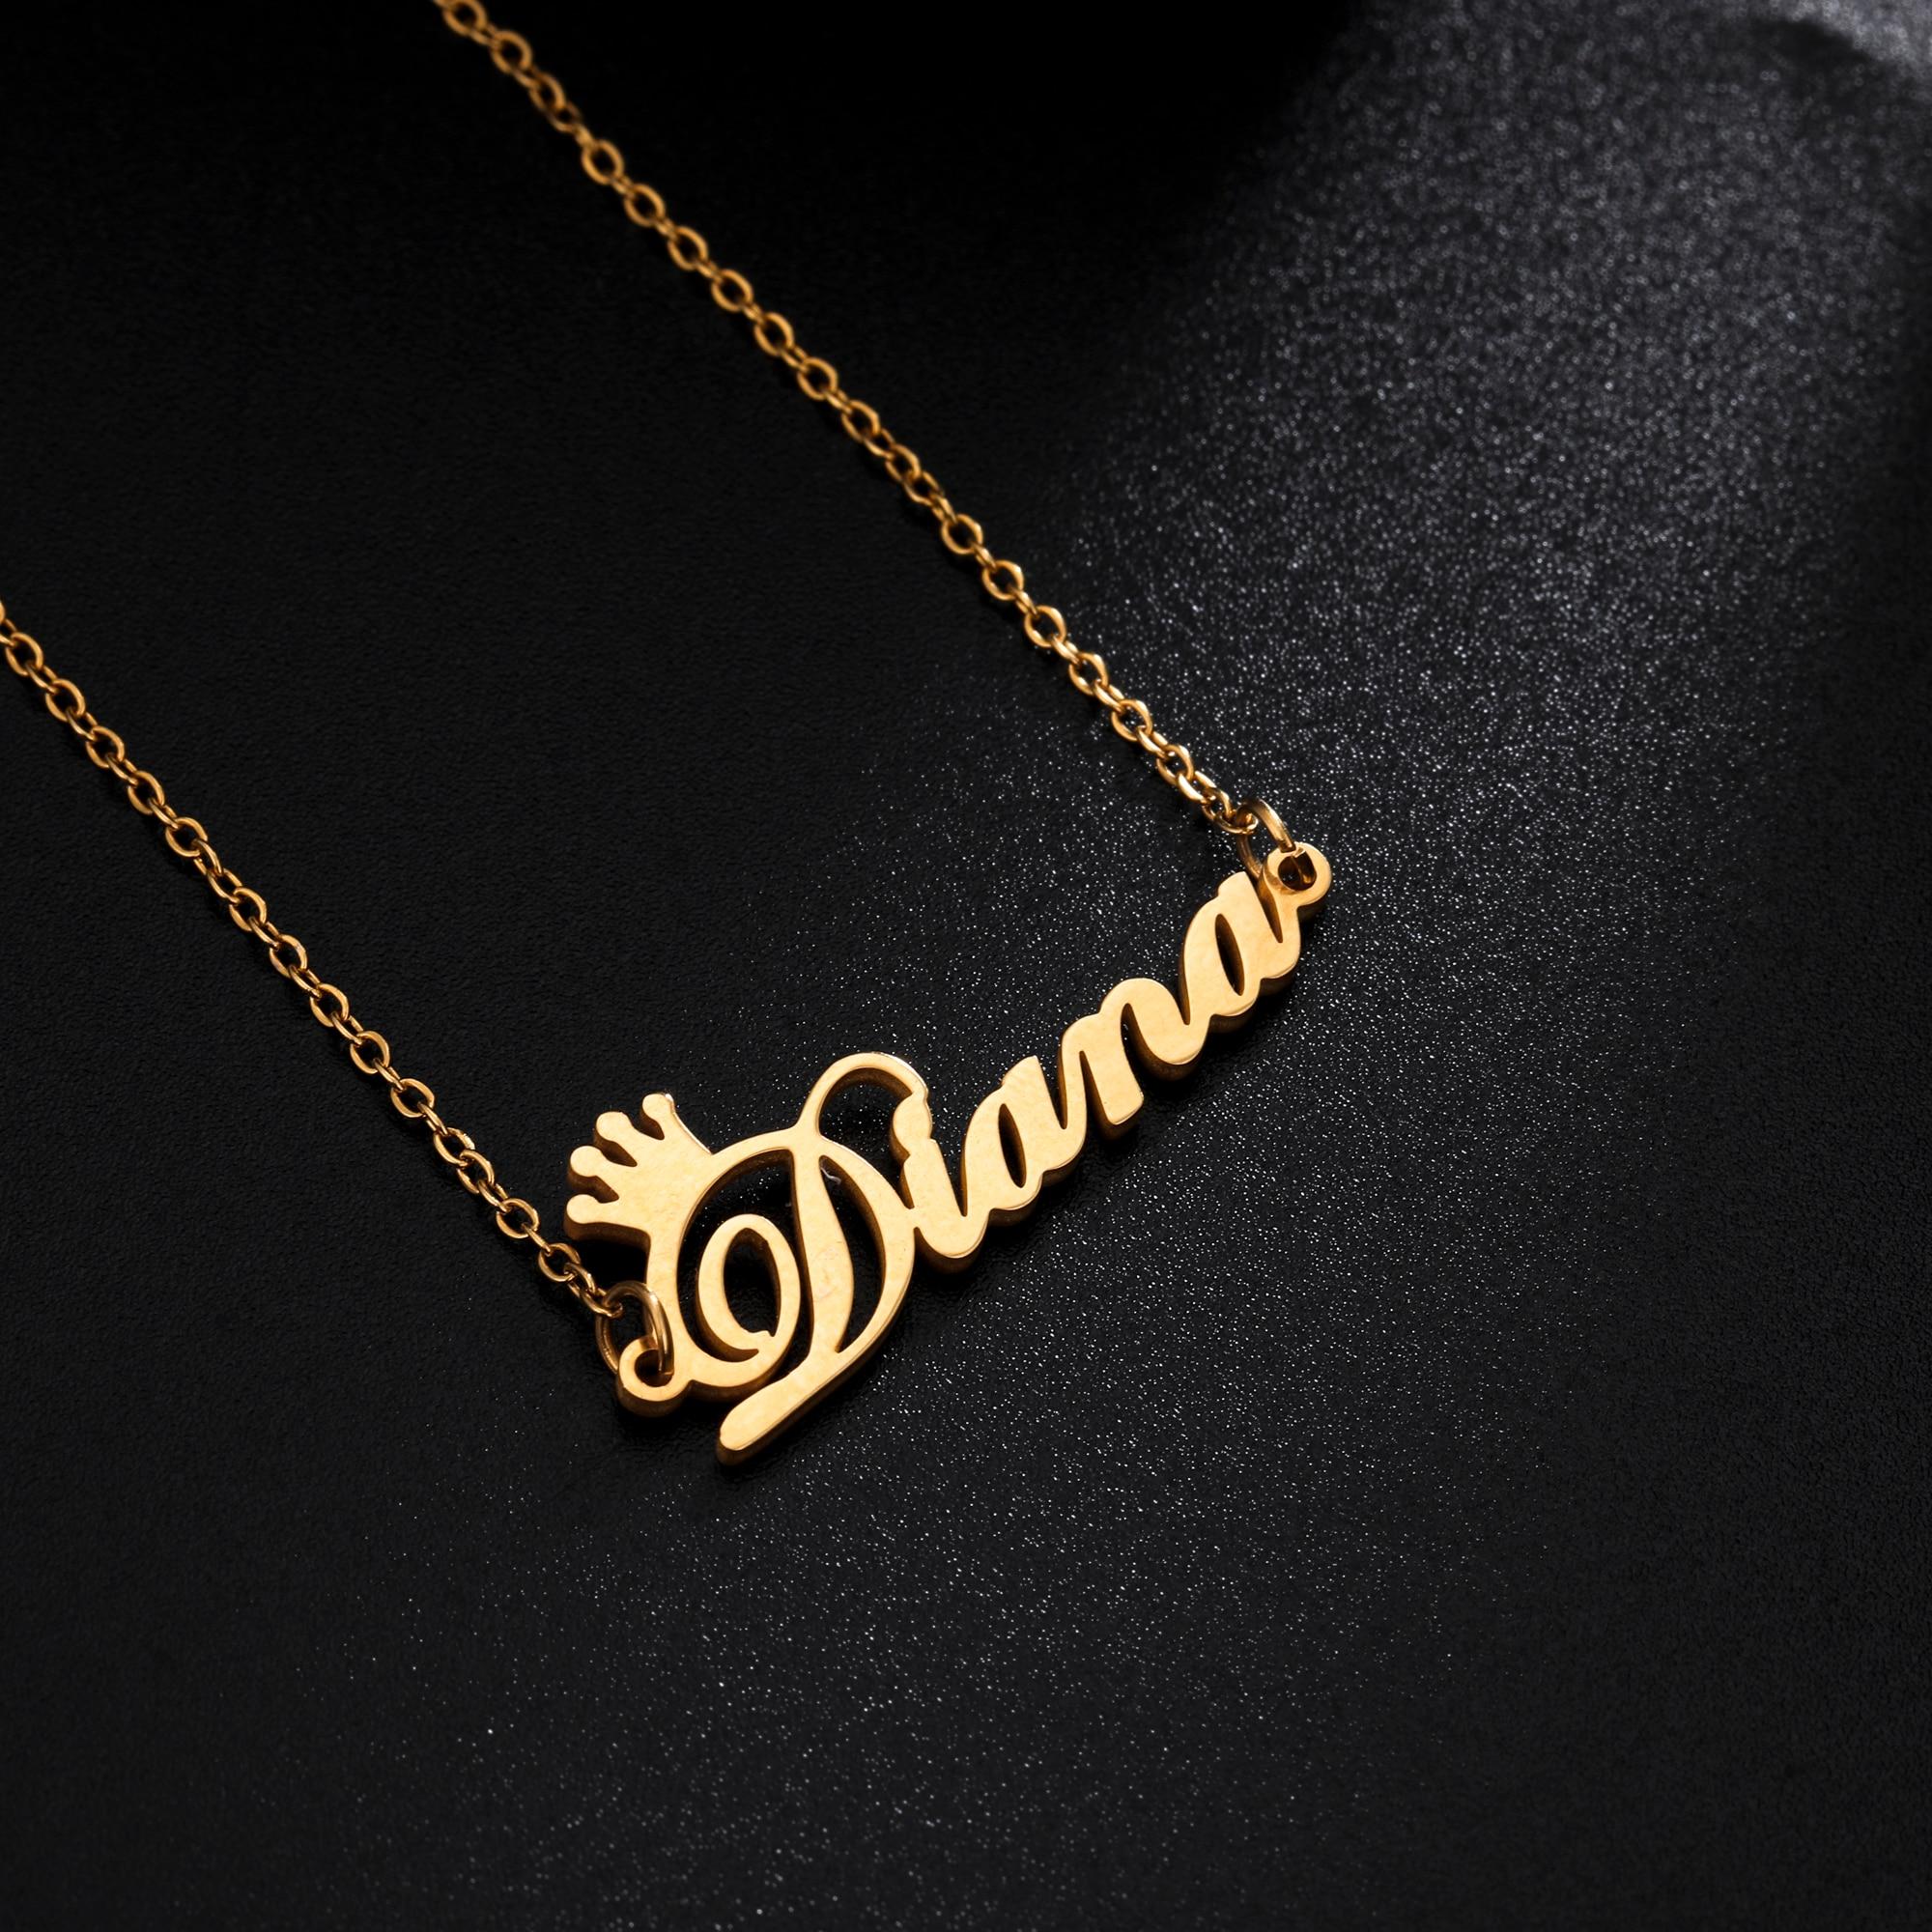 Женское ожерелье с подвеской Sipuris, золотая цепочка из нержавеющей стали с именем короны на заказ, ювелирные изделия